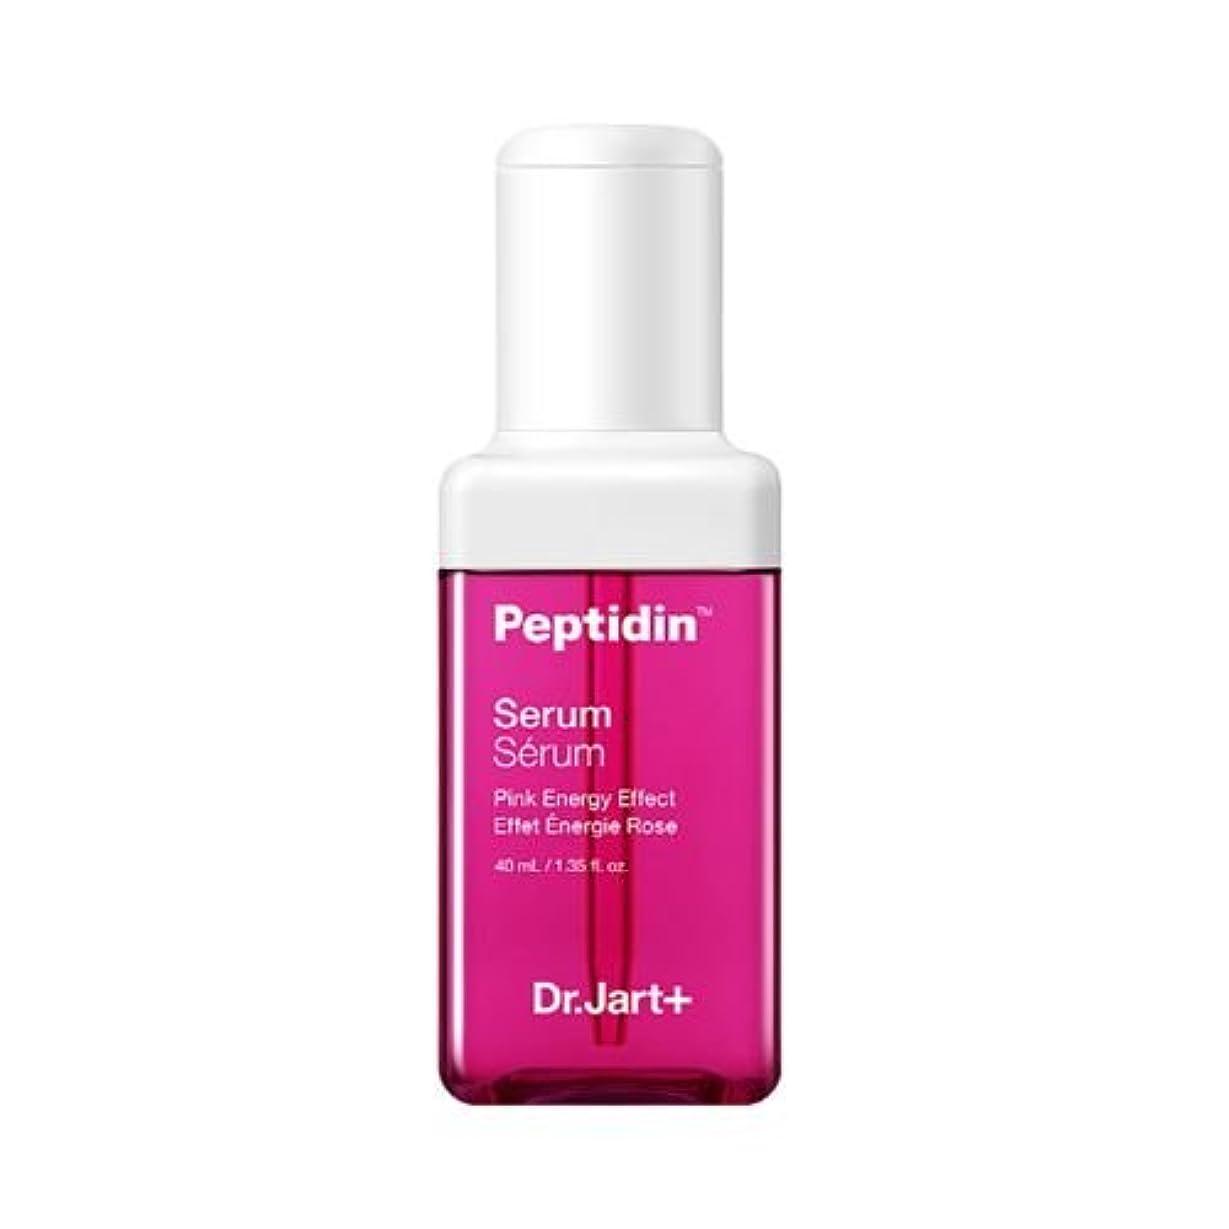 不愉快遠征配る[DR Jart] Peptidin serum Pink Energy effect ドクタージャルトペプチドディーン セラムピンクエネルギー 40ml[海外直送品] [並行輸入品]